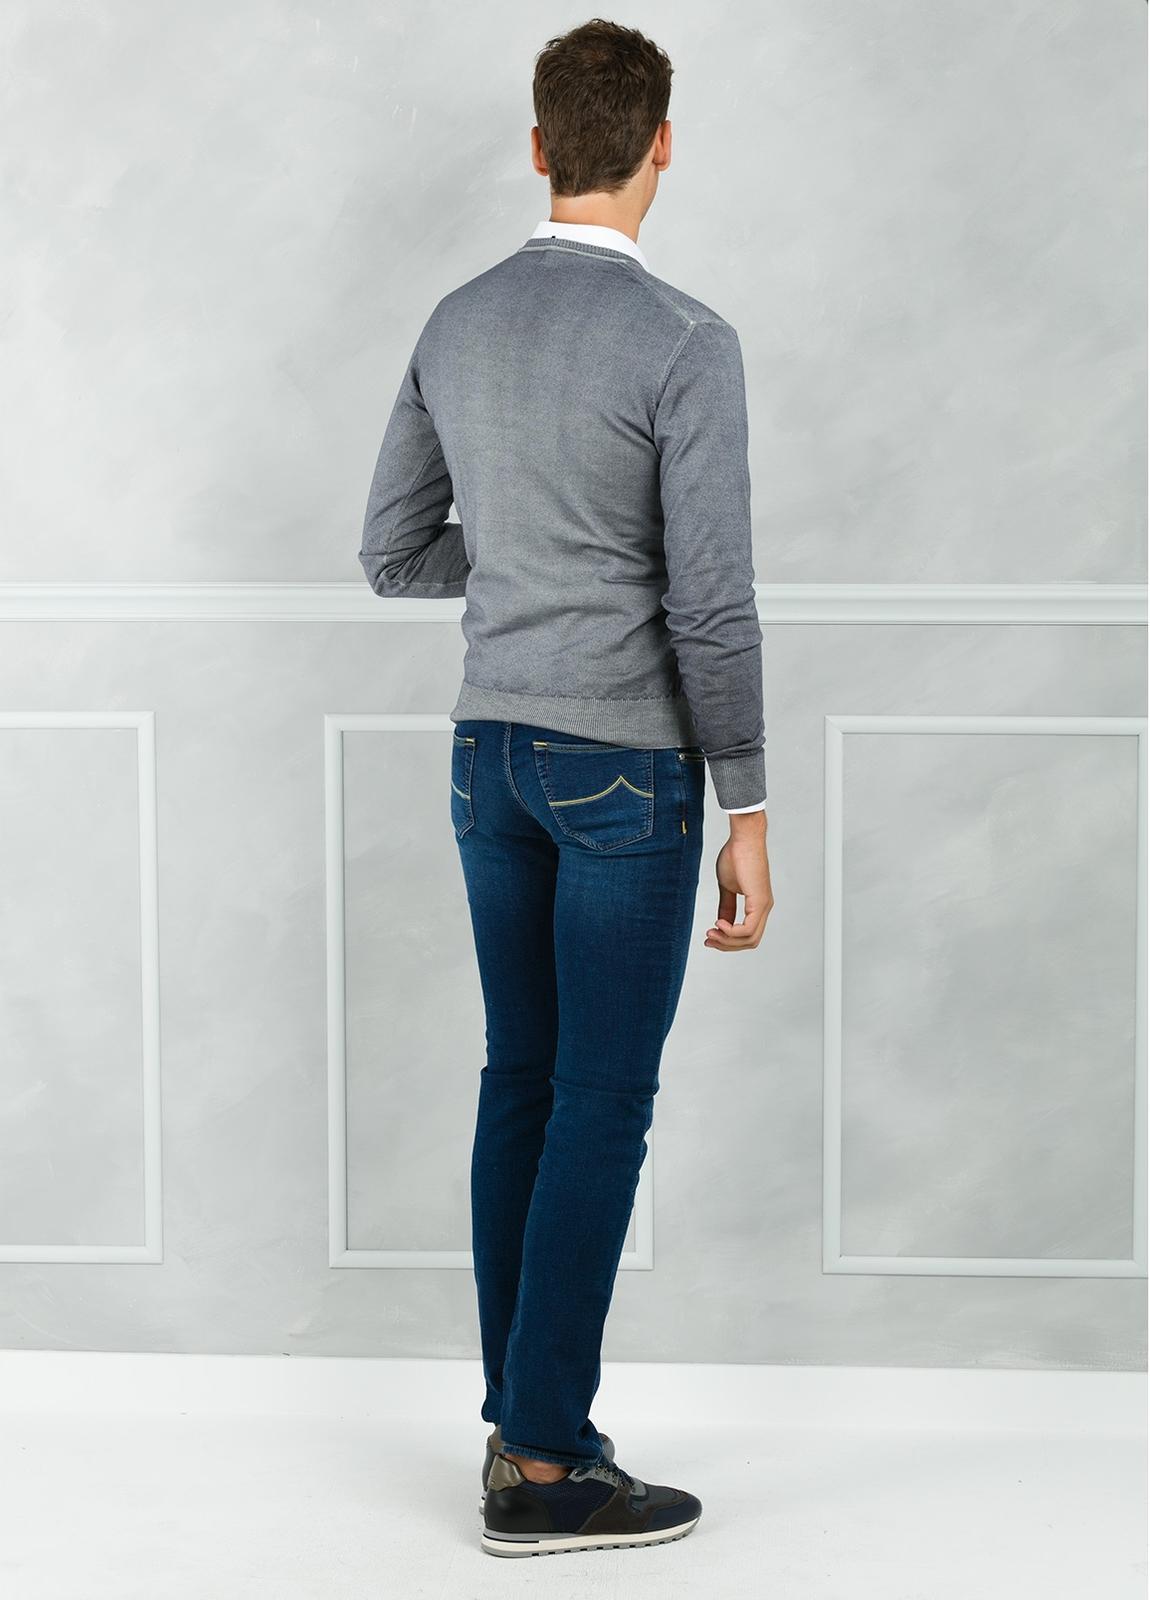 Jersey liso cuello pico, color gris. 100% Lana merino. - Ítem1